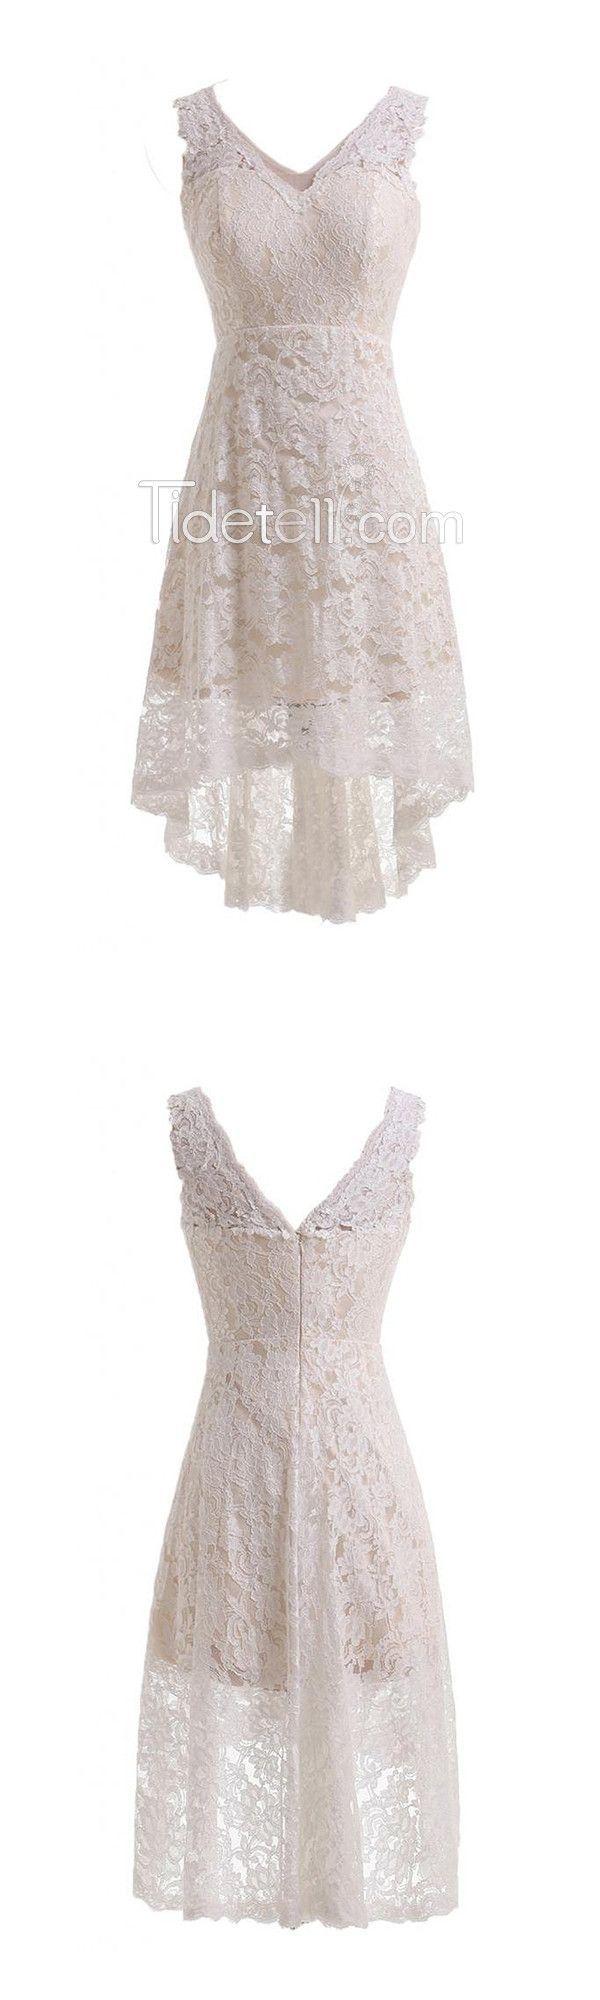 Wedding dresseslace party dressescheap wedding dressessimple